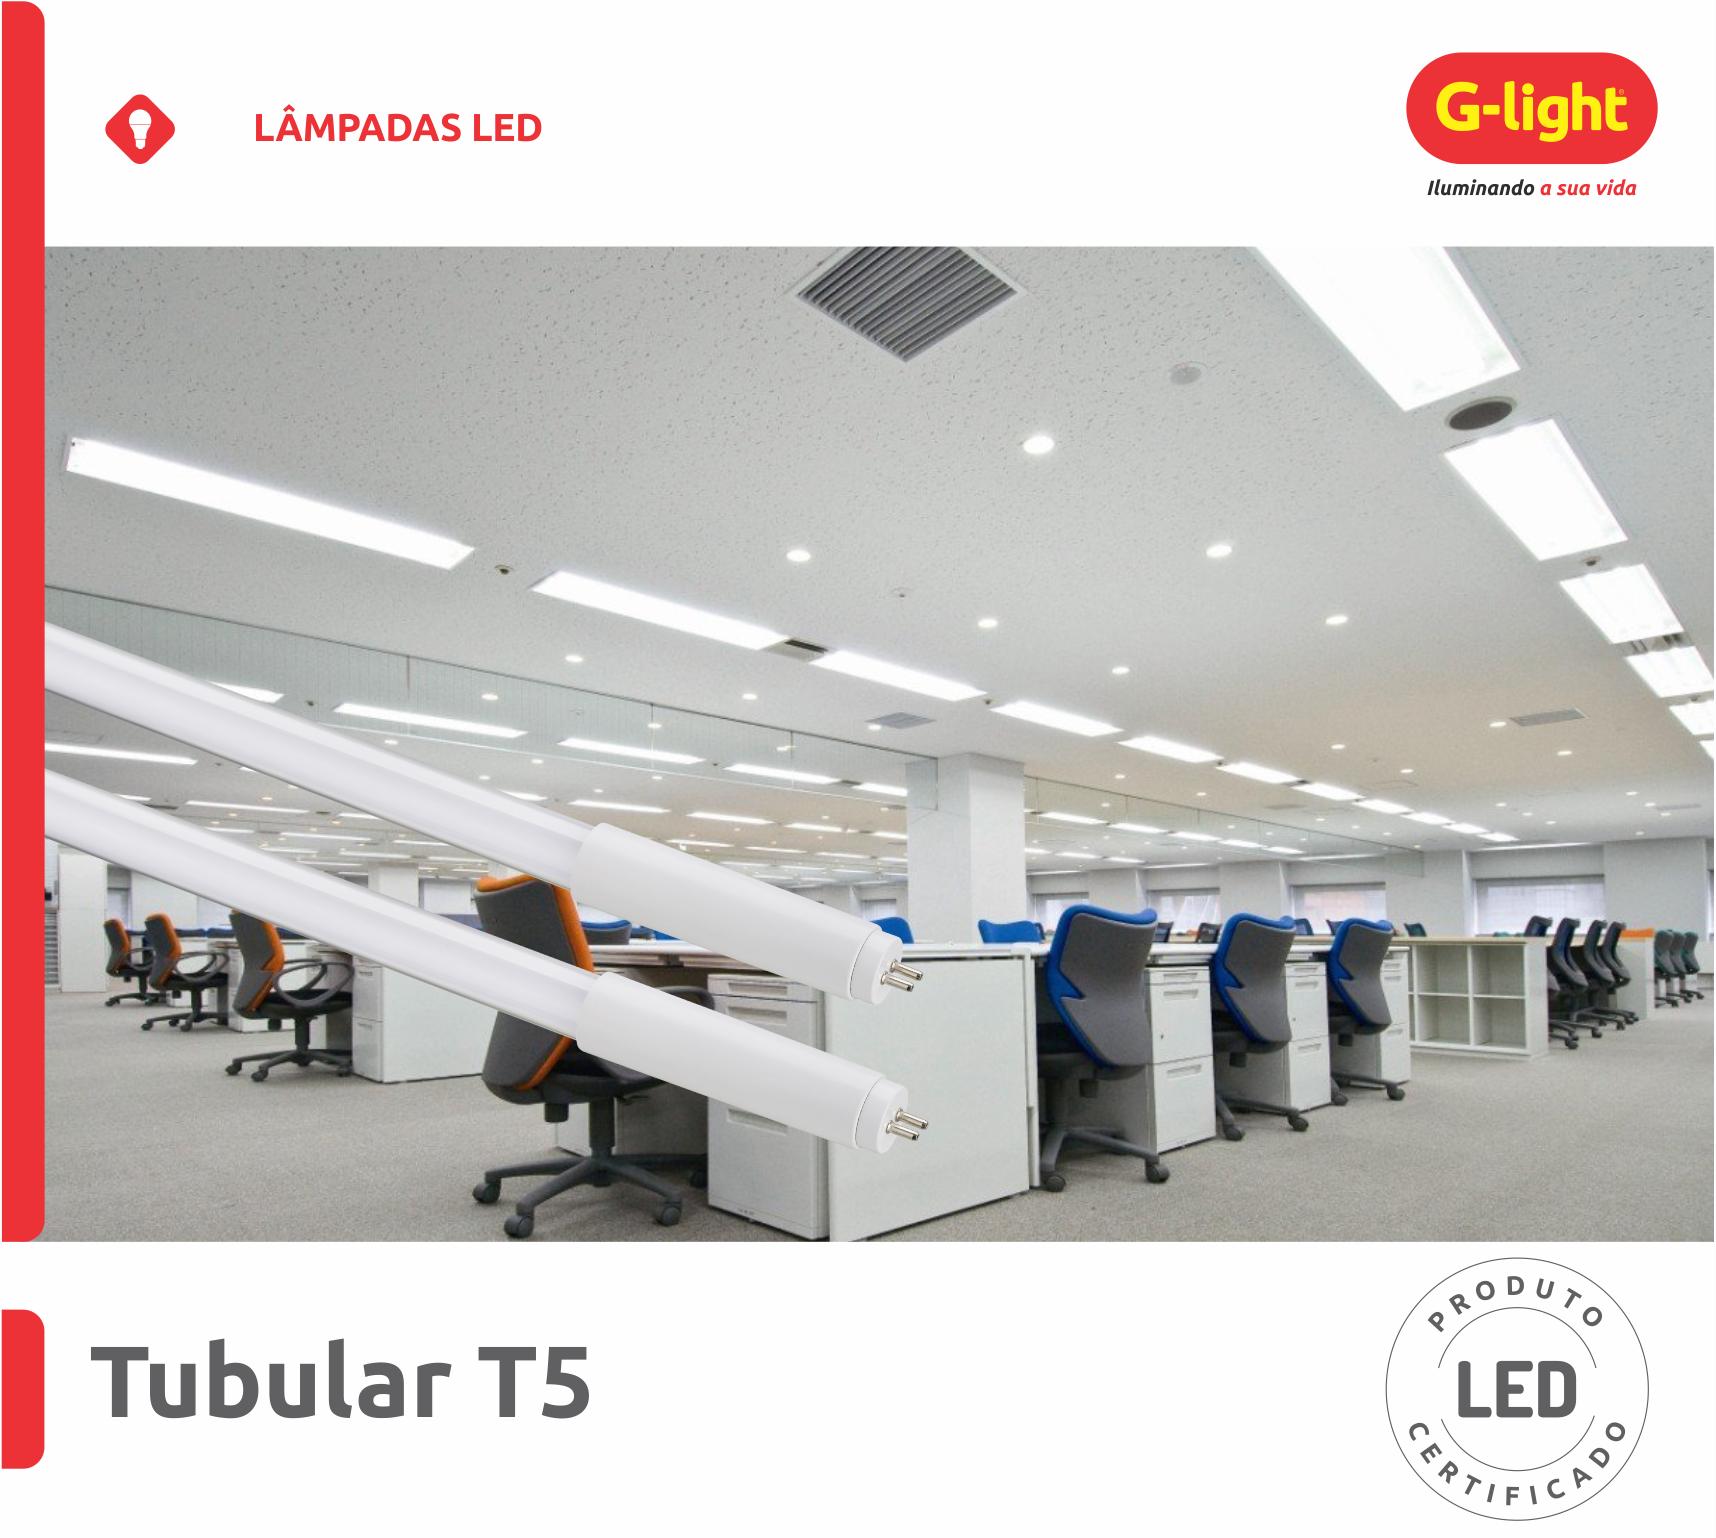 T5 Tubular